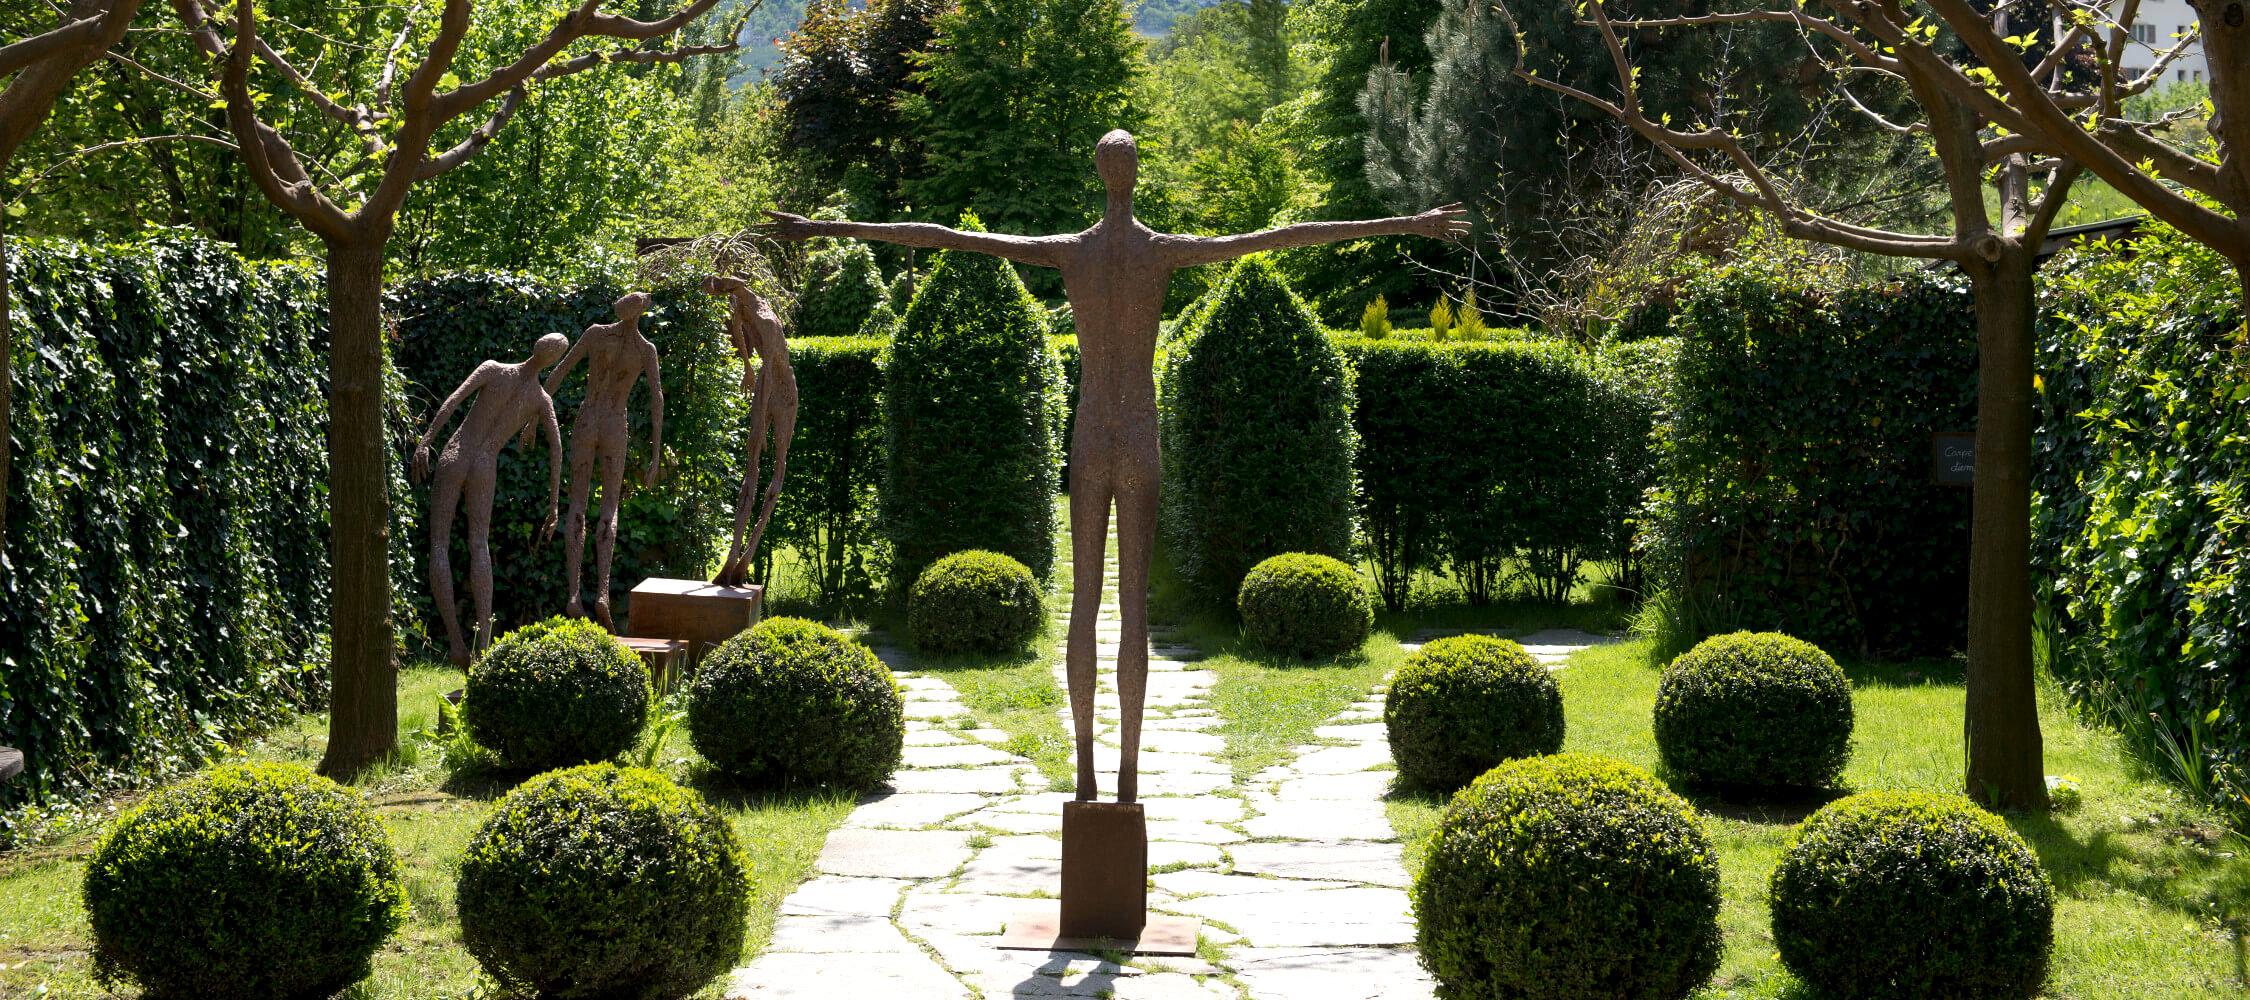 Italien-Trentino_Suedtirol_Alto_Adige_Merano_Meran_Besichtigen_Kultur_Kunst_Natur_Kraenzlhof_Labyrinth_Garten_TVLana-Helmuth-Rier_mgm01109tola_2250x1000